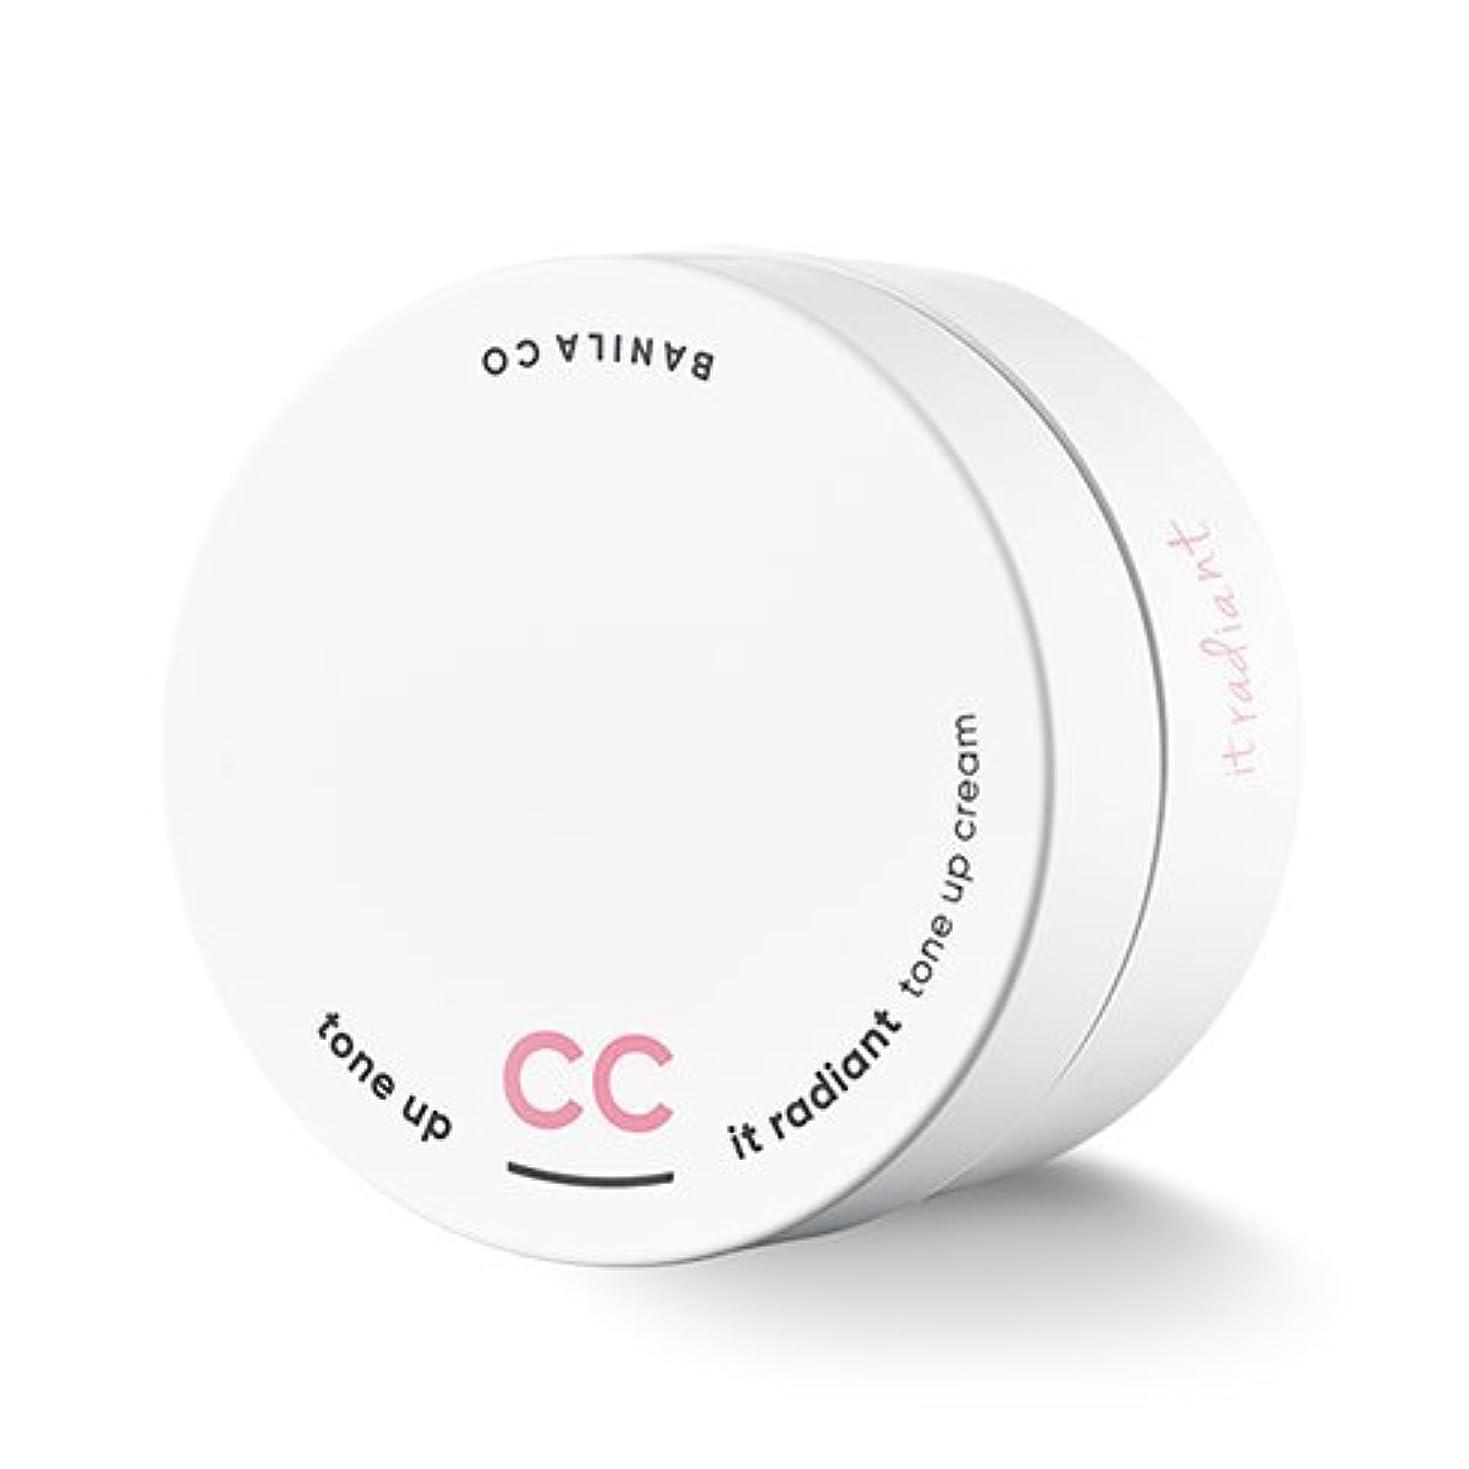 グリット許可する拘束BANILA CO It Radiant CC Tone Up Cream 50ml/バニラコ イット ラディアント CC トーンアップ クリーム 50ml [並行輸入品]